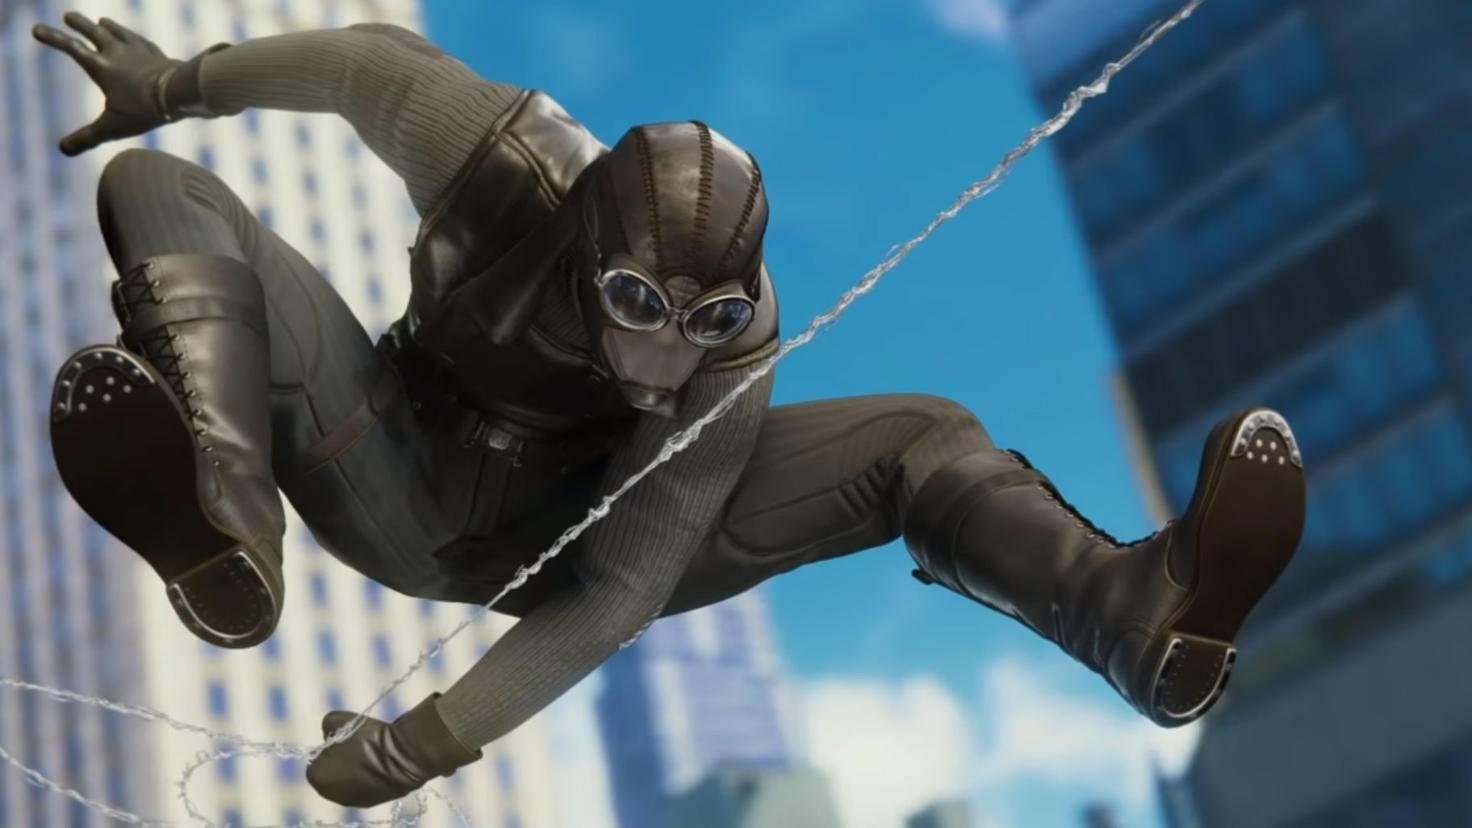 spider-man-ps4-noir-screenshot